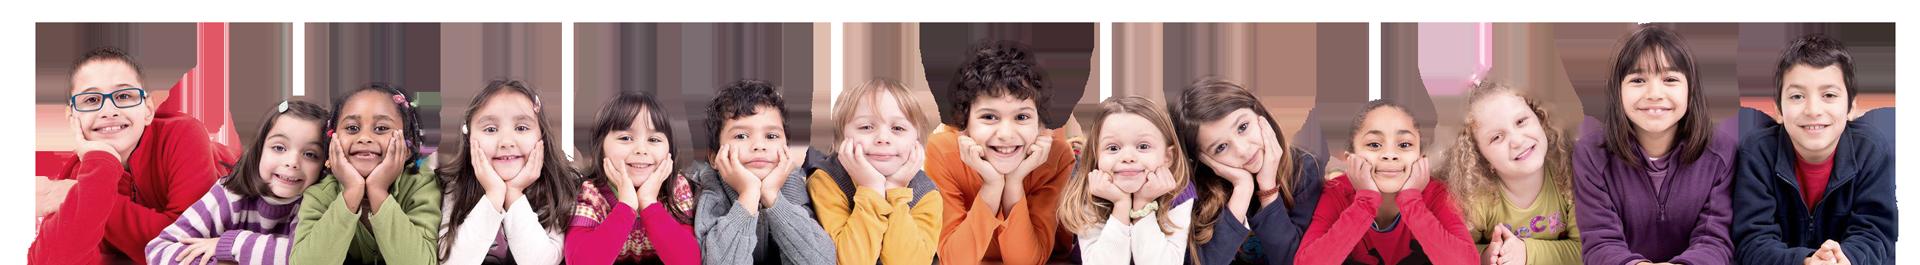 Obrazek na stronie naklejki ścienne dla dzieci